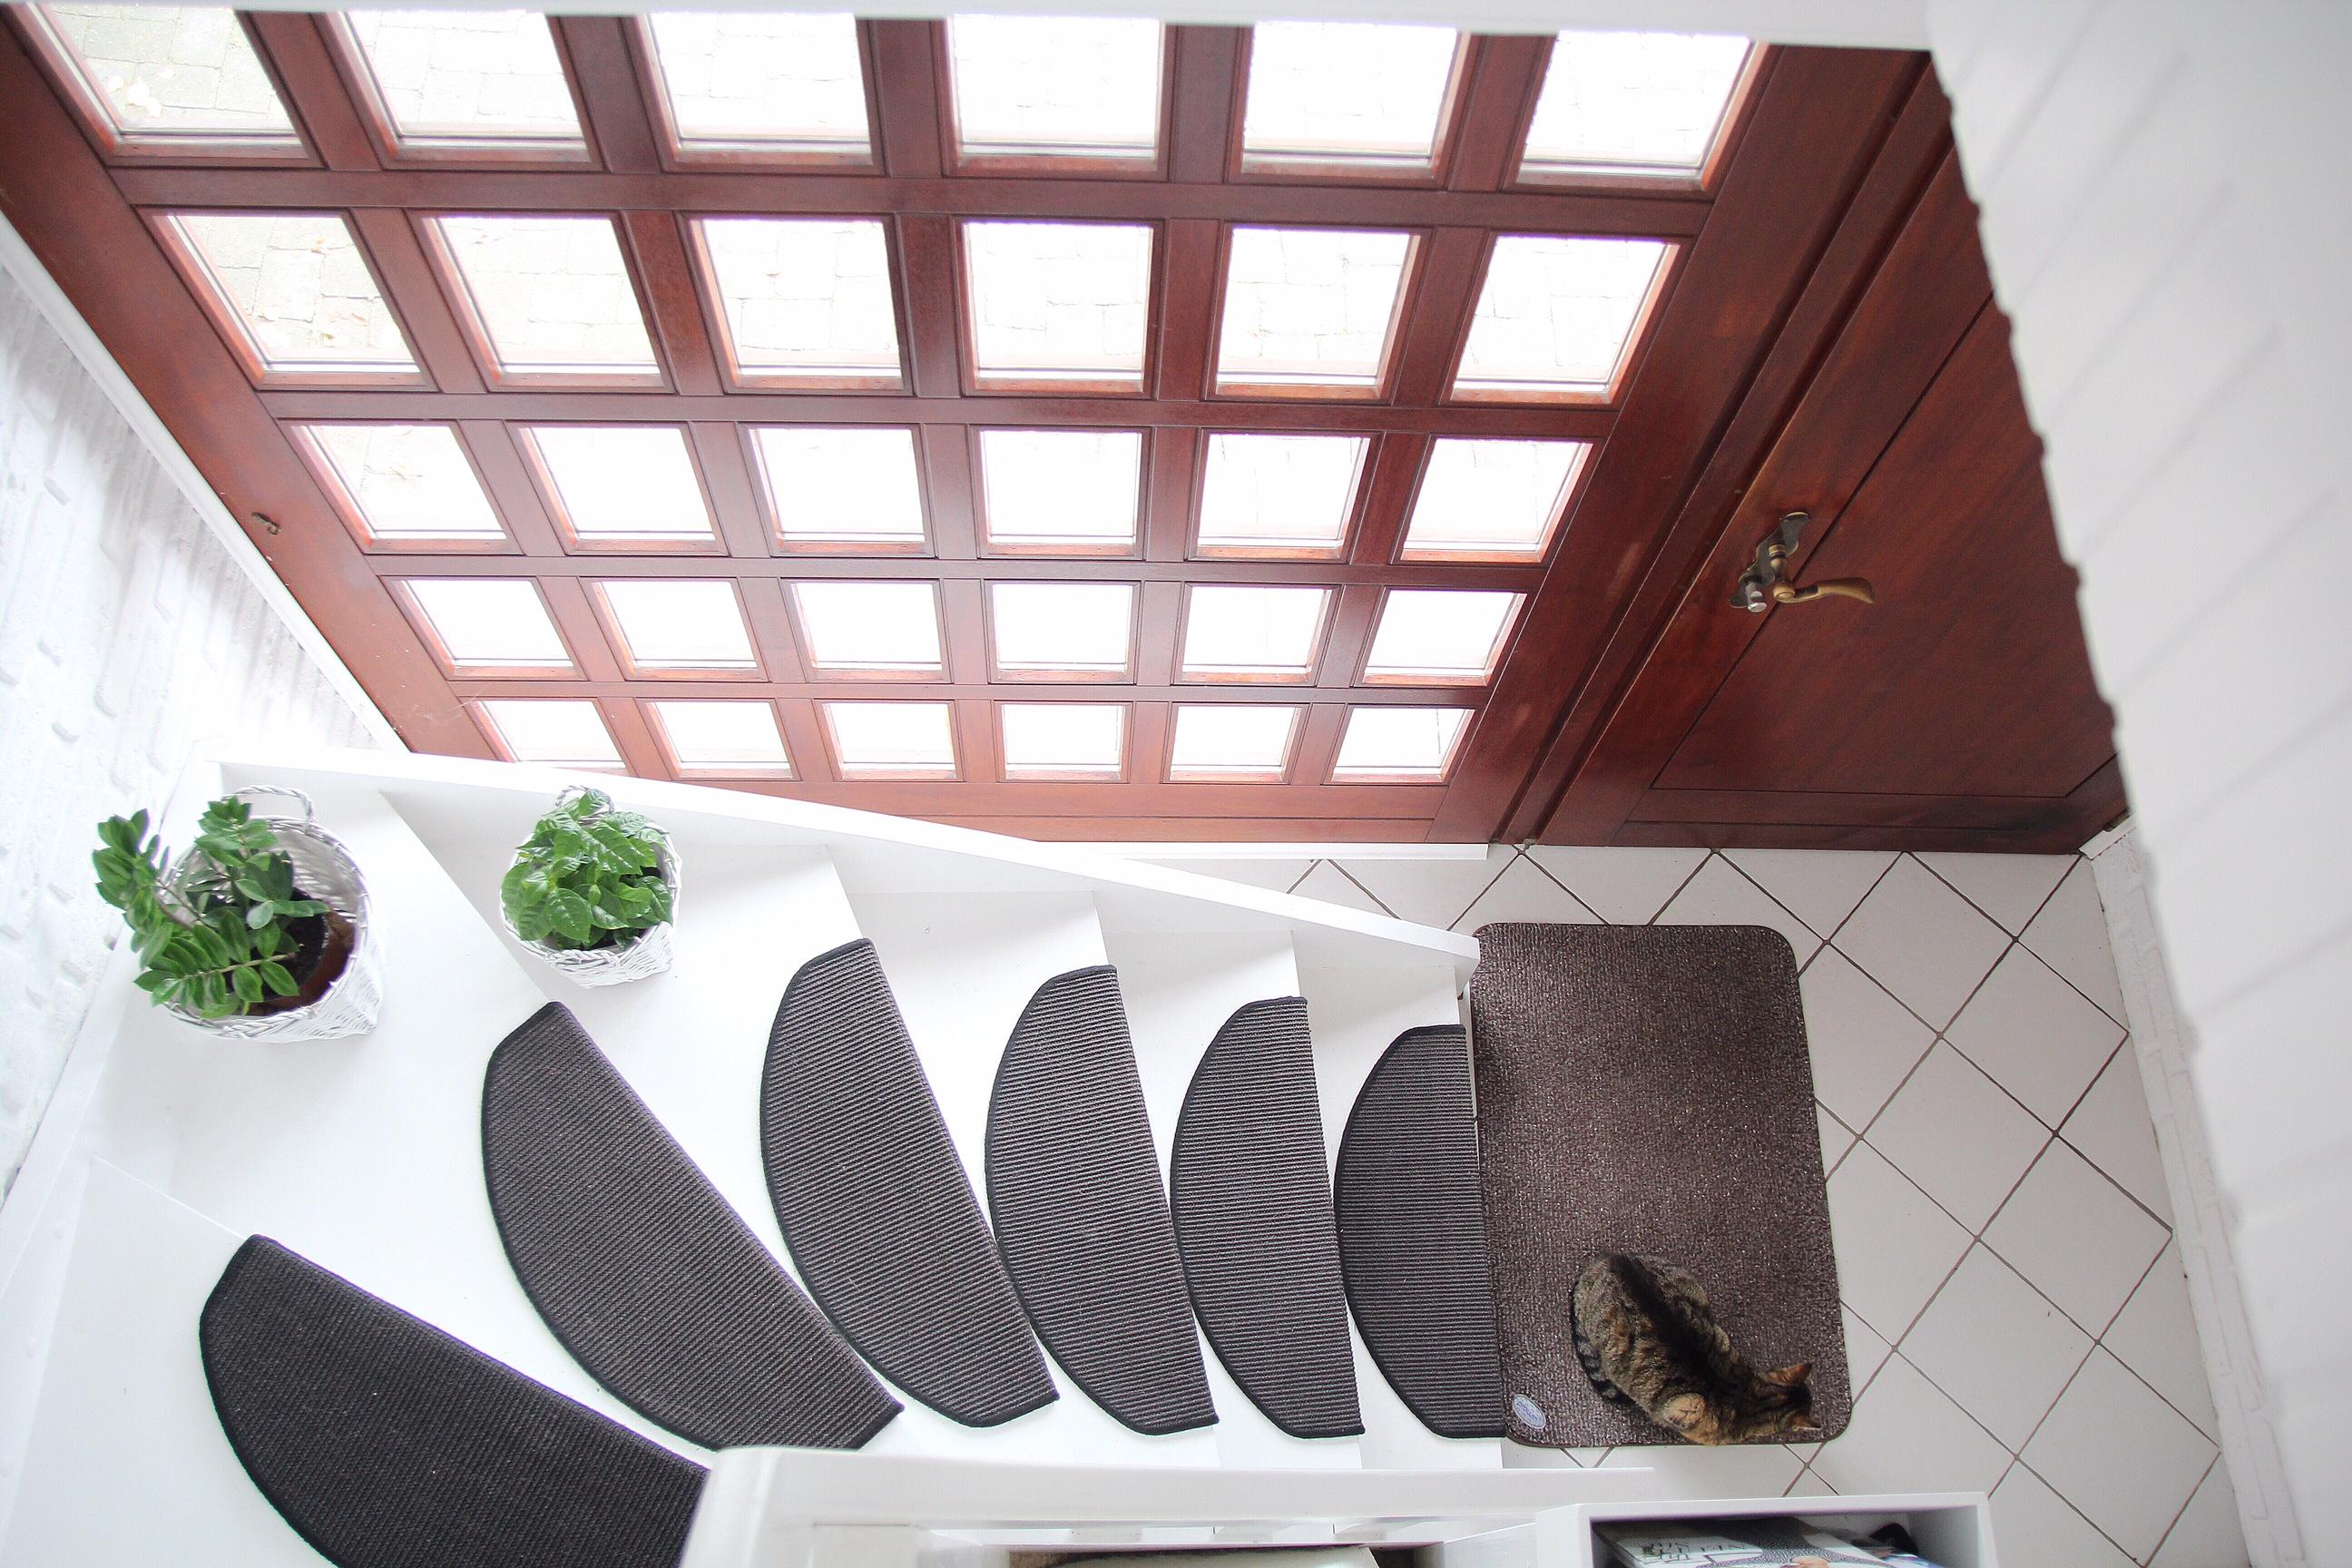 insgesamt haben wir ca 150 euro ausgegeben ok das kleine fenster oben hat ein bisschen mehr gekostet aber es gehrt nicht zur deko - Bilder Treppenhaus Gestalten